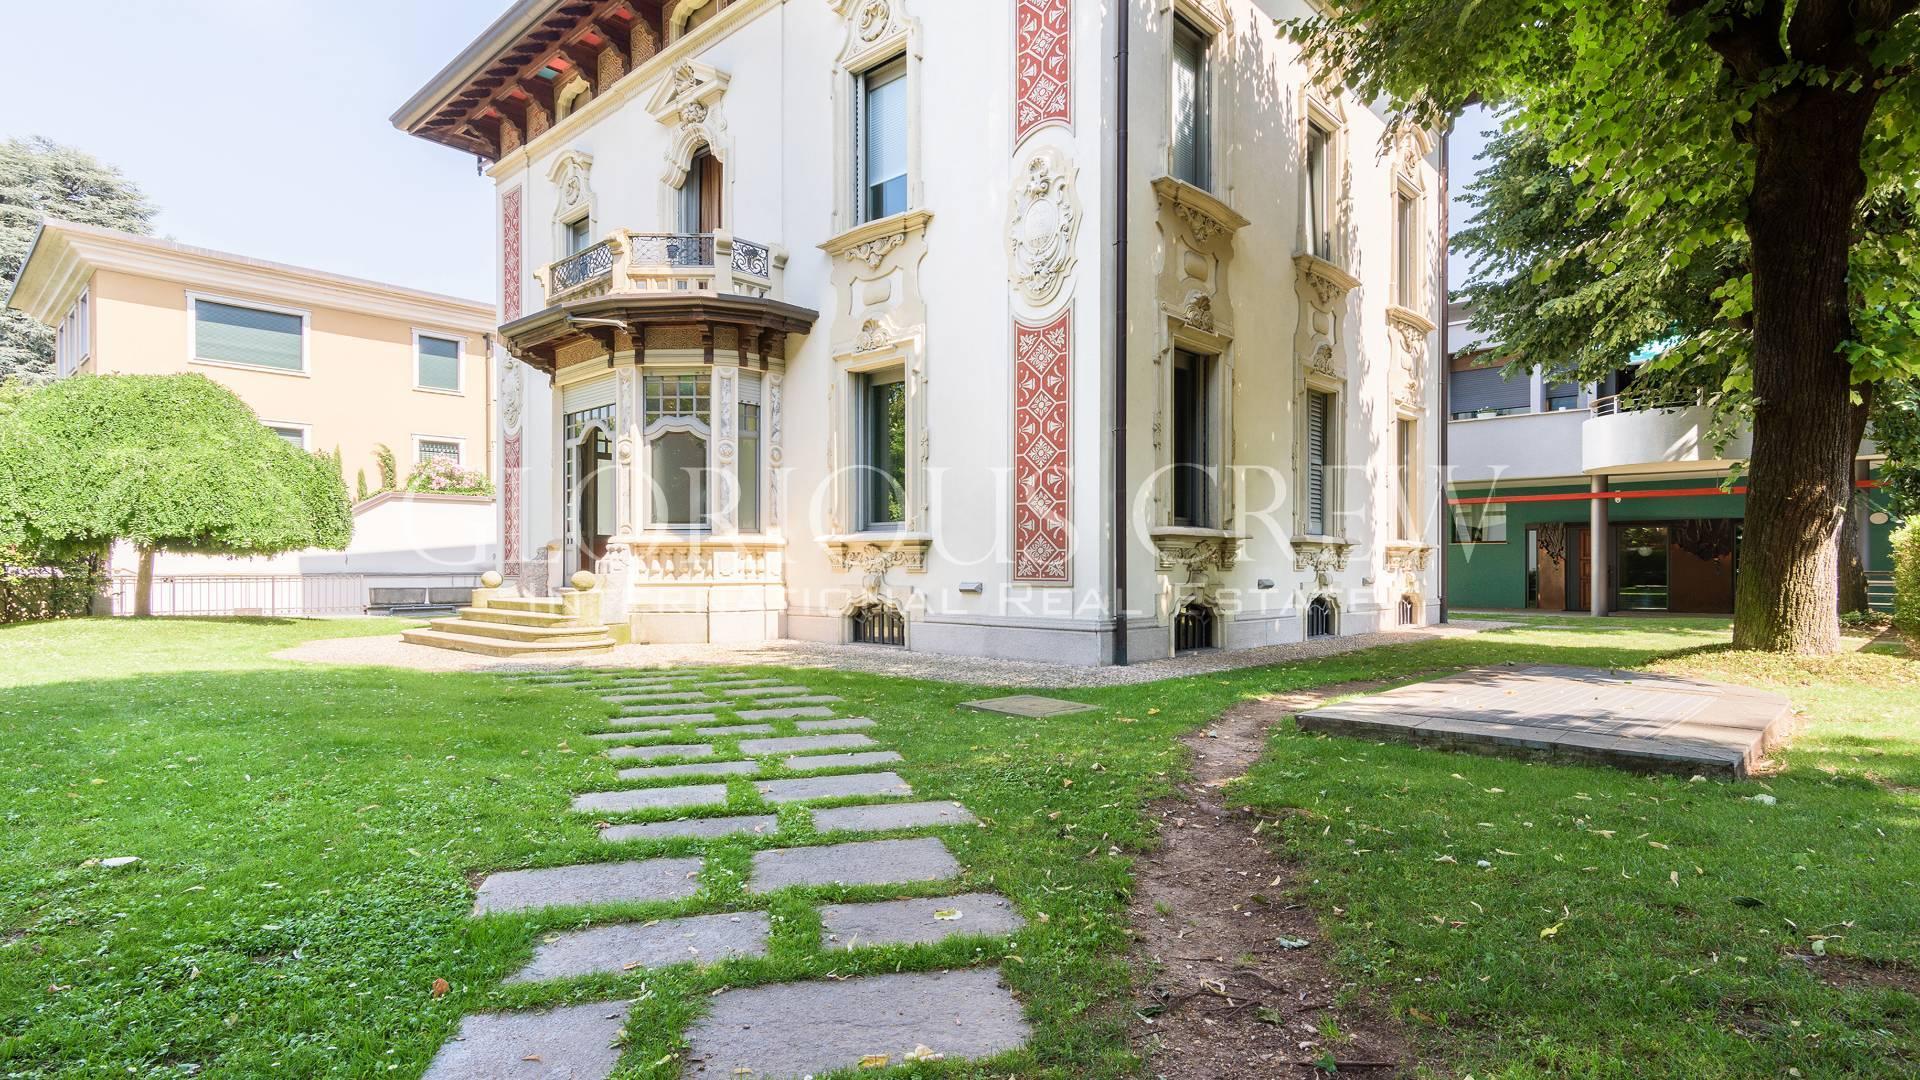 Villa in Vendita a Monza:  5 locali, 350 mq  - Foto 1